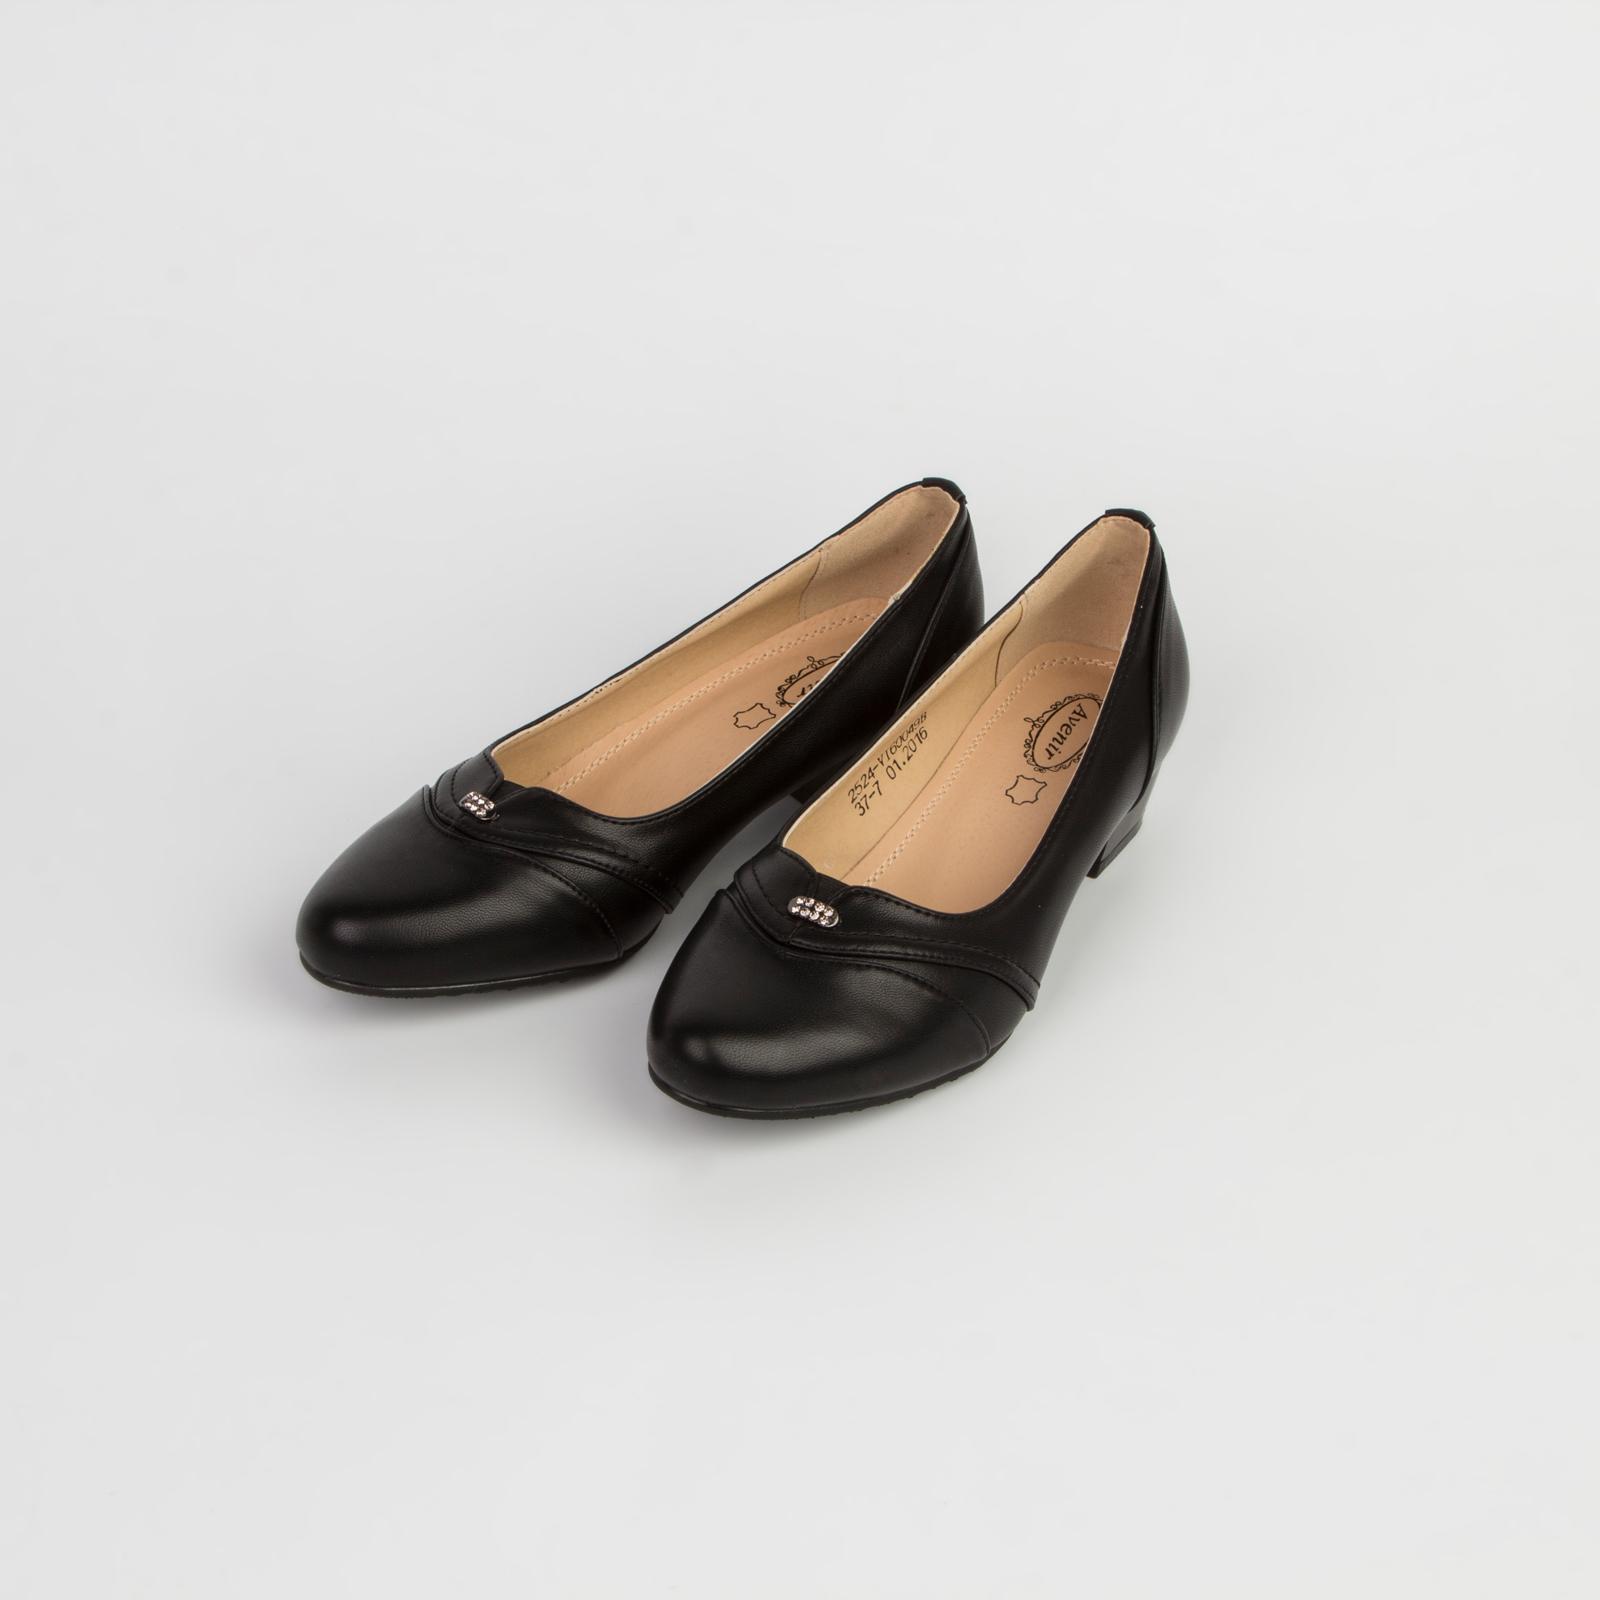 Туфли женские на небольшом каблуке украшенные тиснением